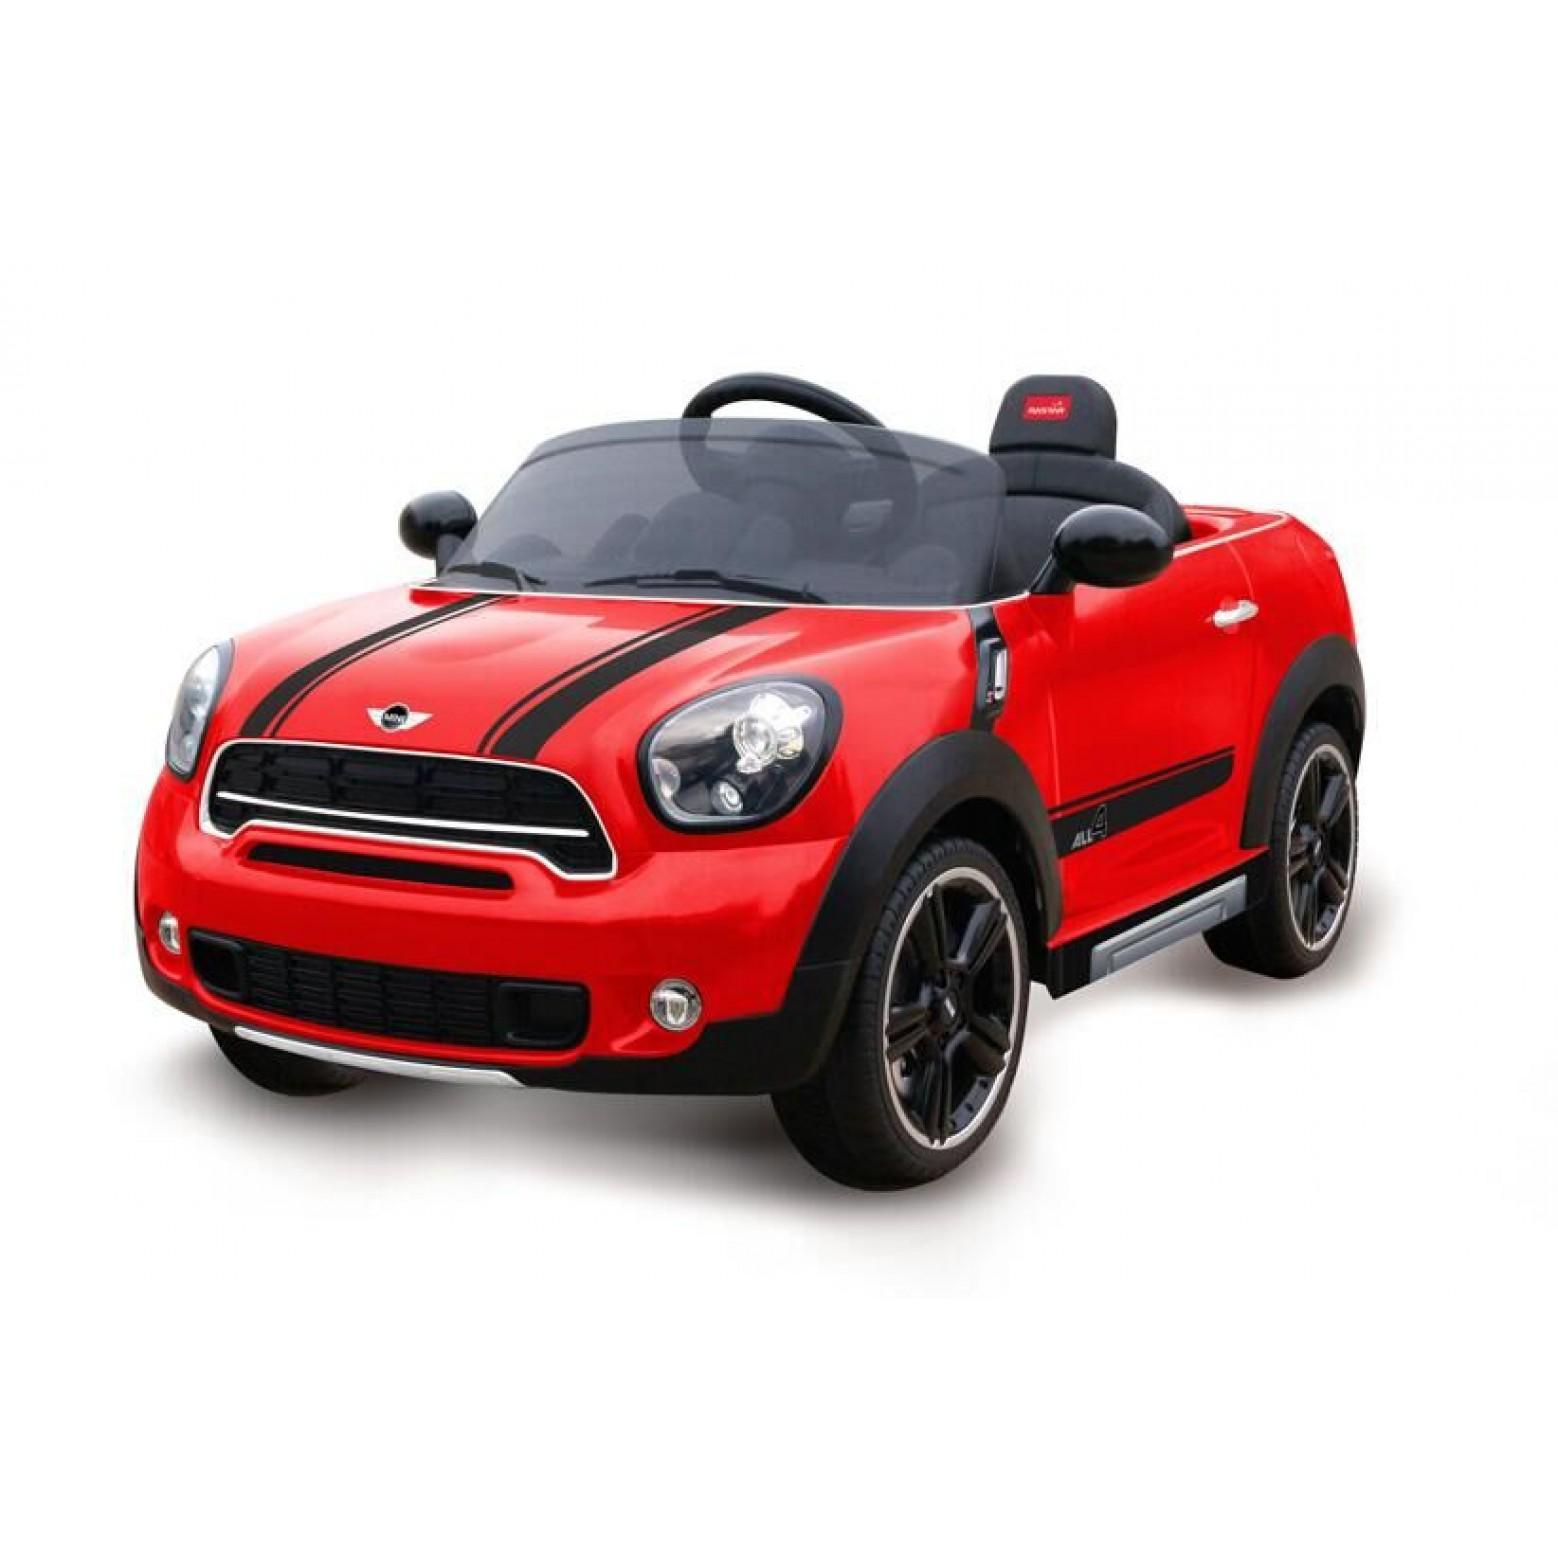 Mini Countryman Accu Auto Rood